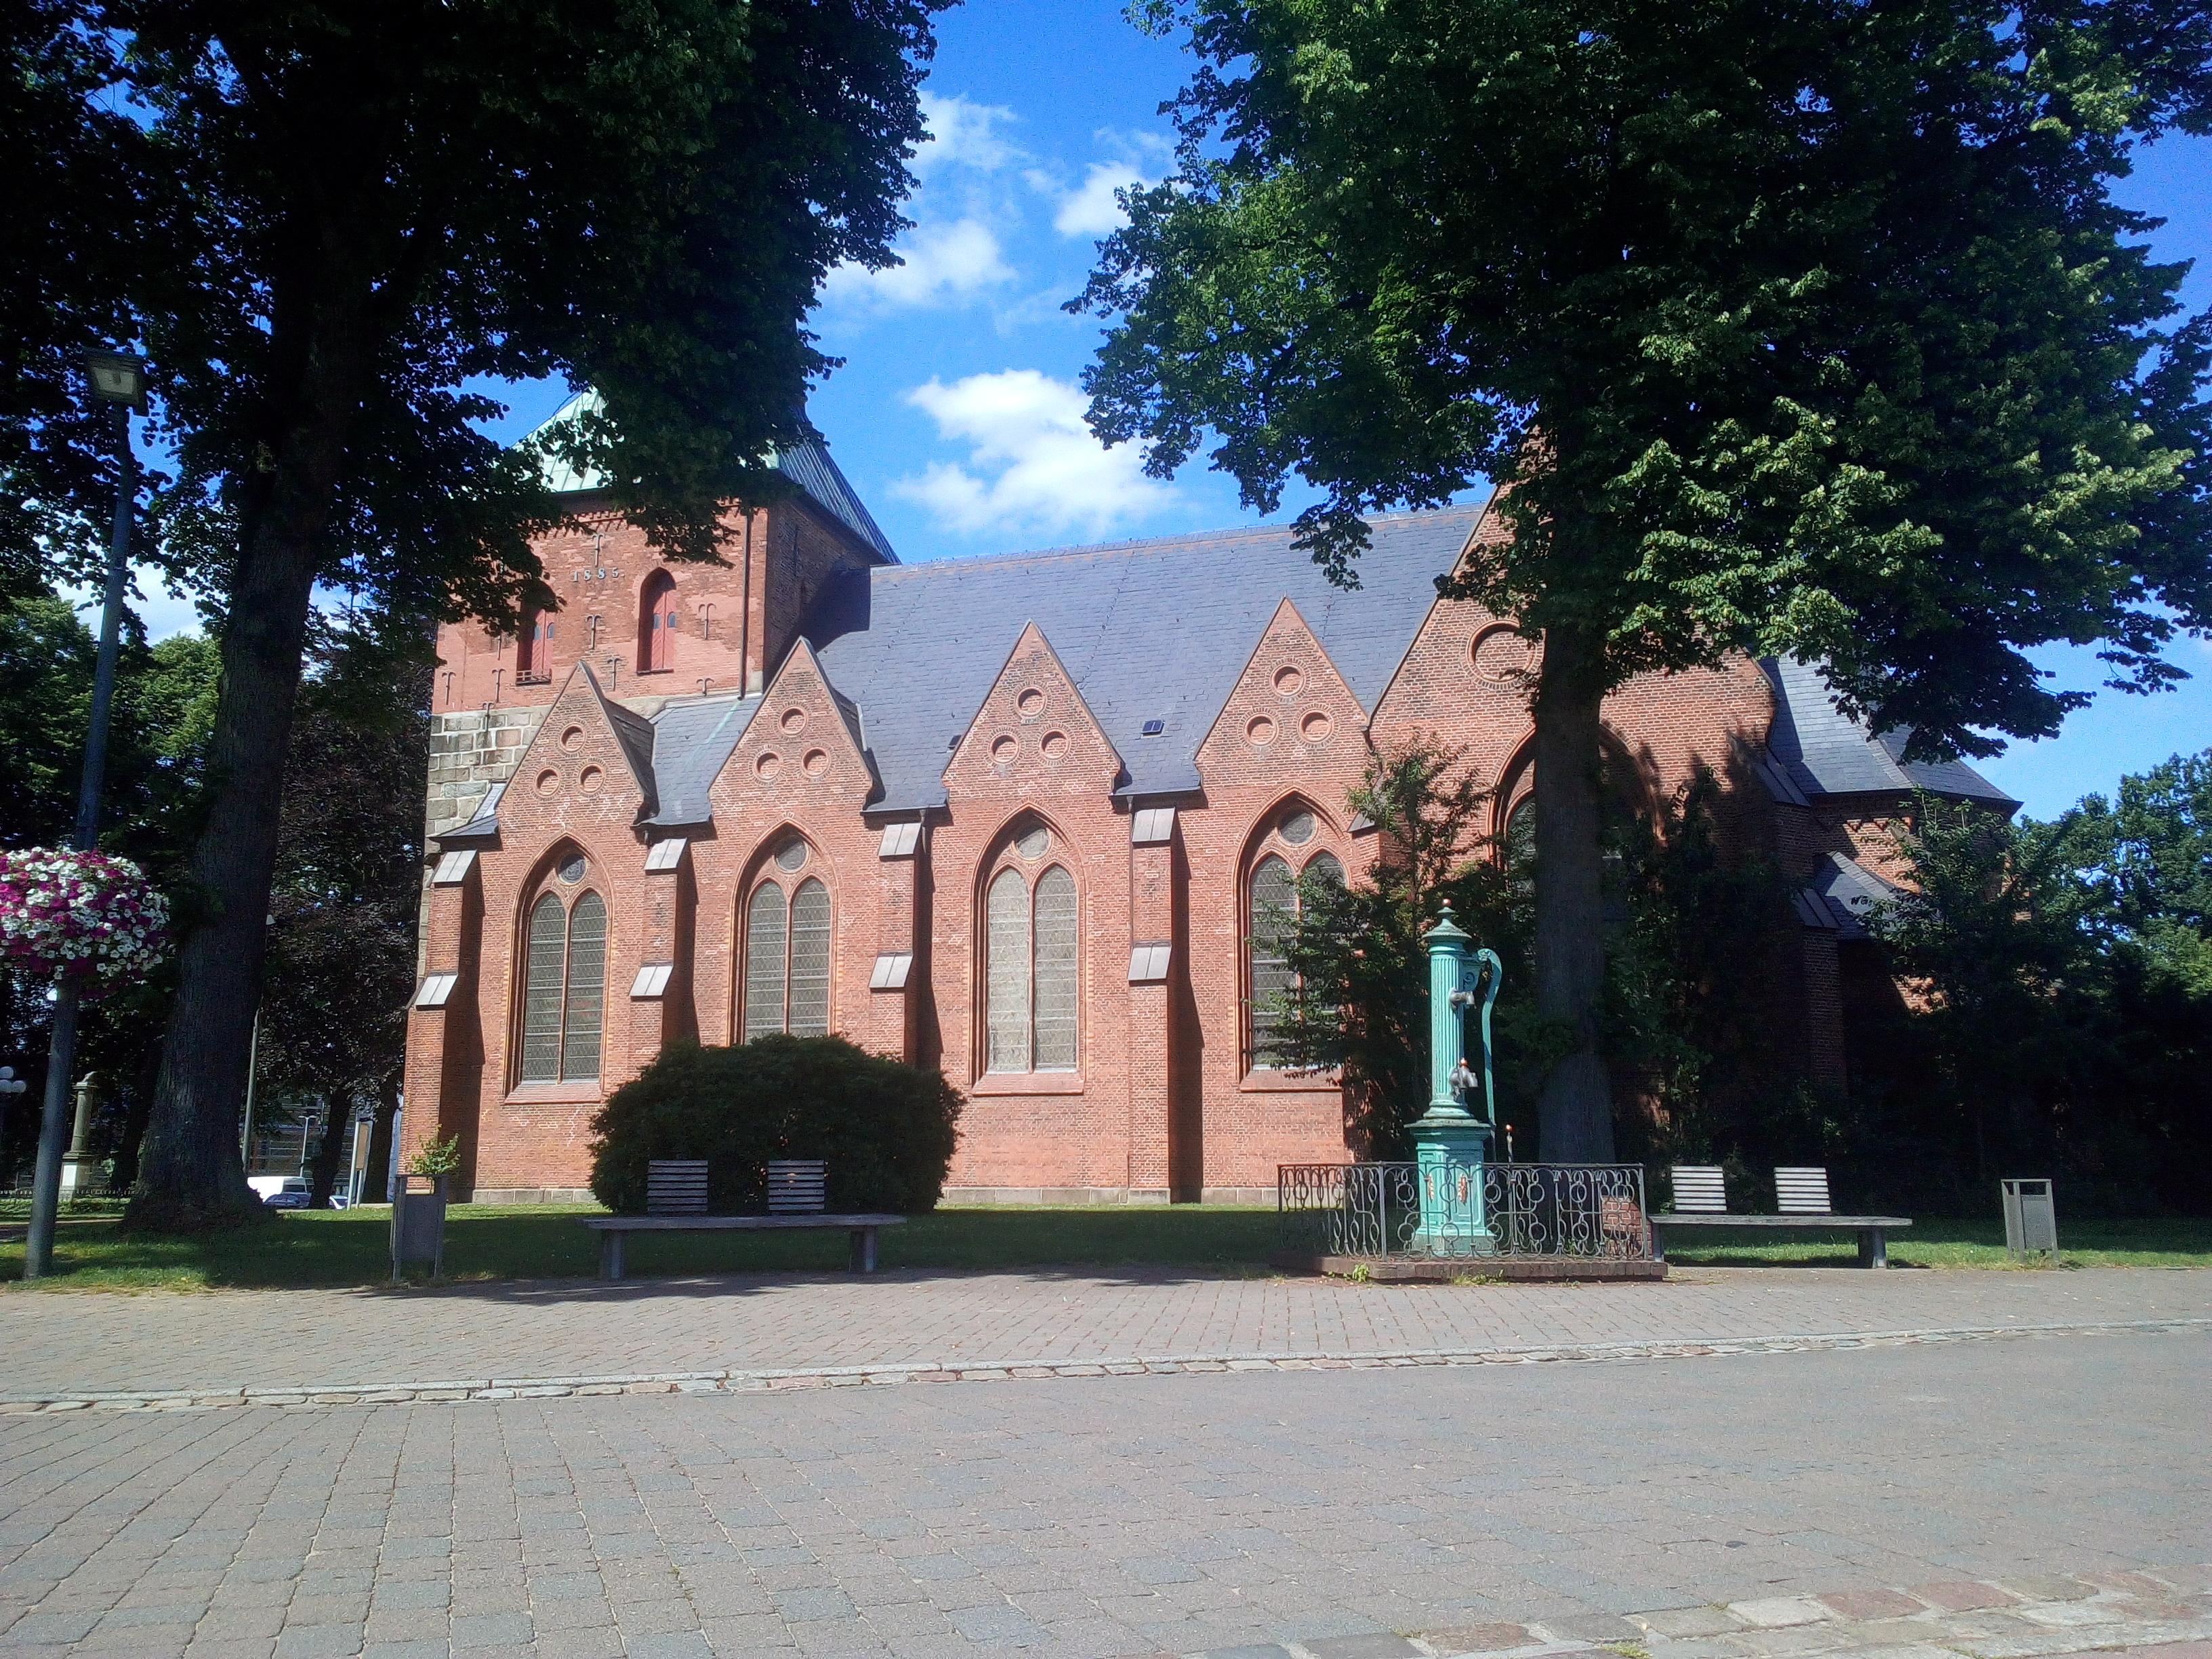 Nortorf St. Martin Kirche, Bäume und die Kirche im Hintergrund.